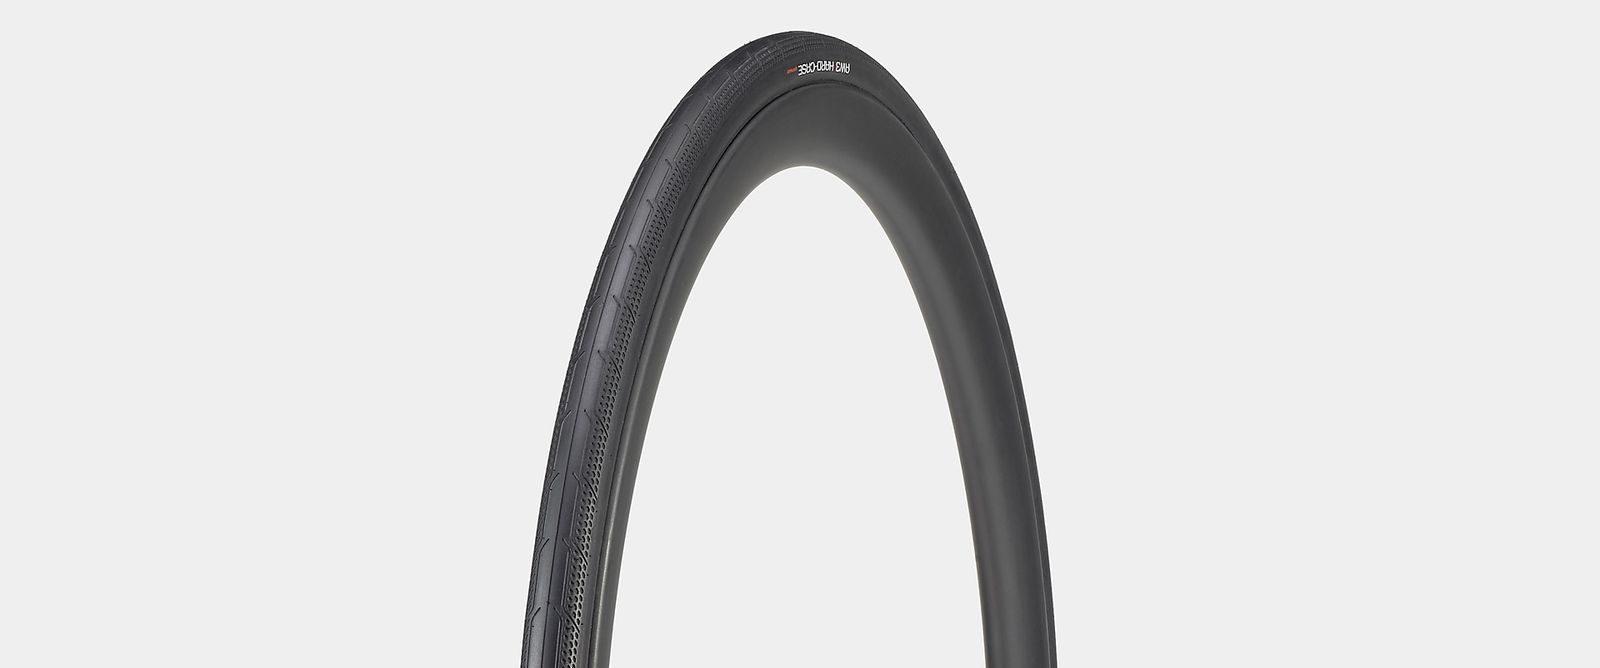 BontragerAW3HardCase best road bike tires